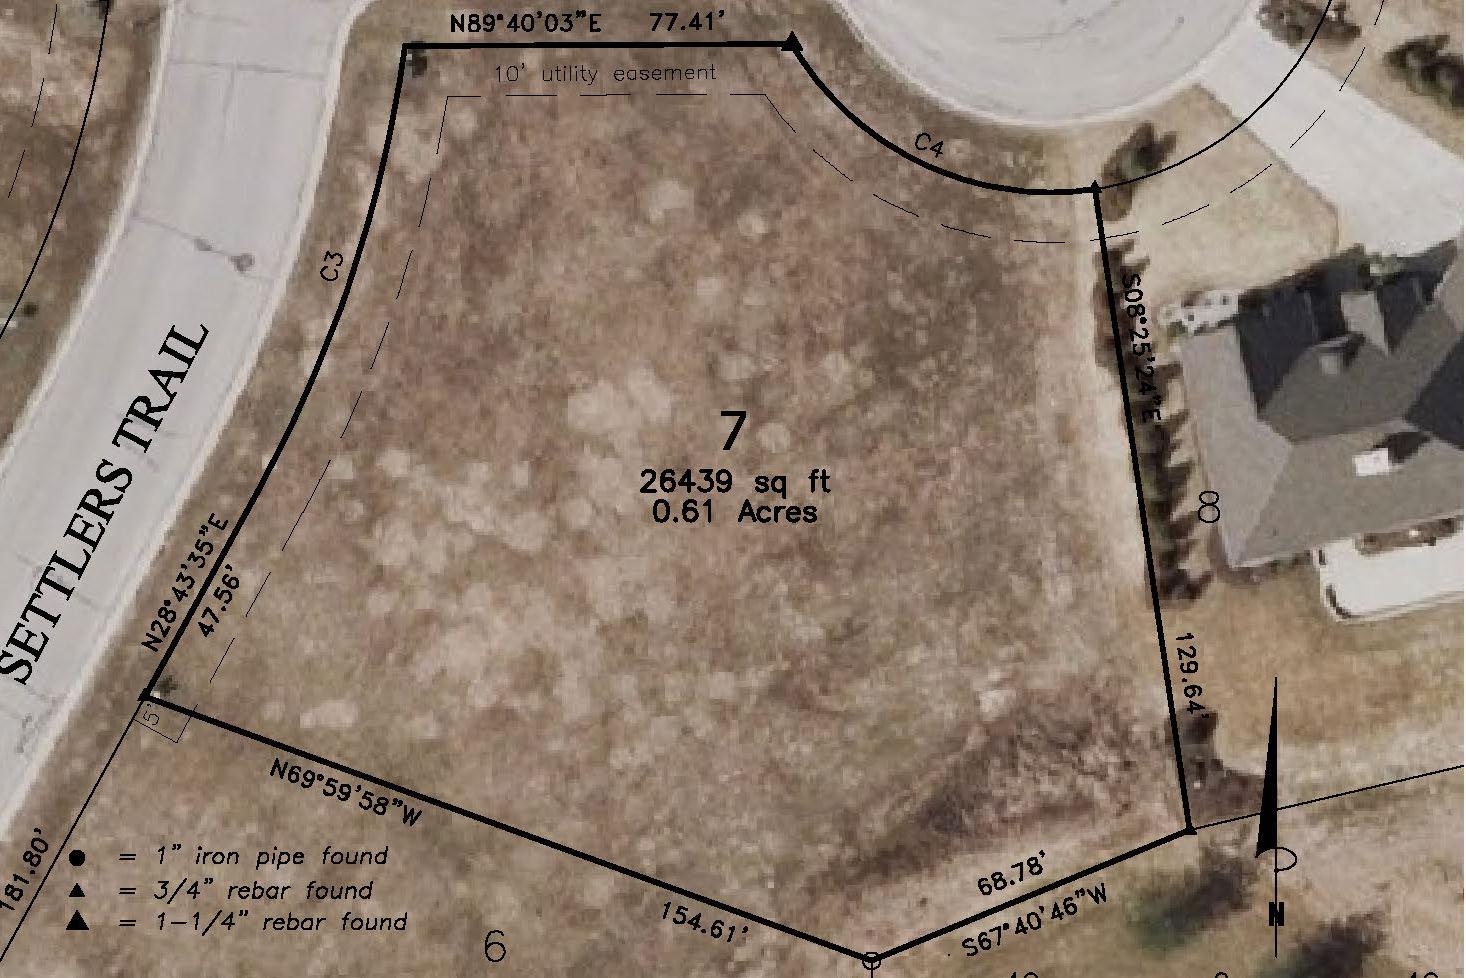 Lot 7: .61 Acres  – $69,900